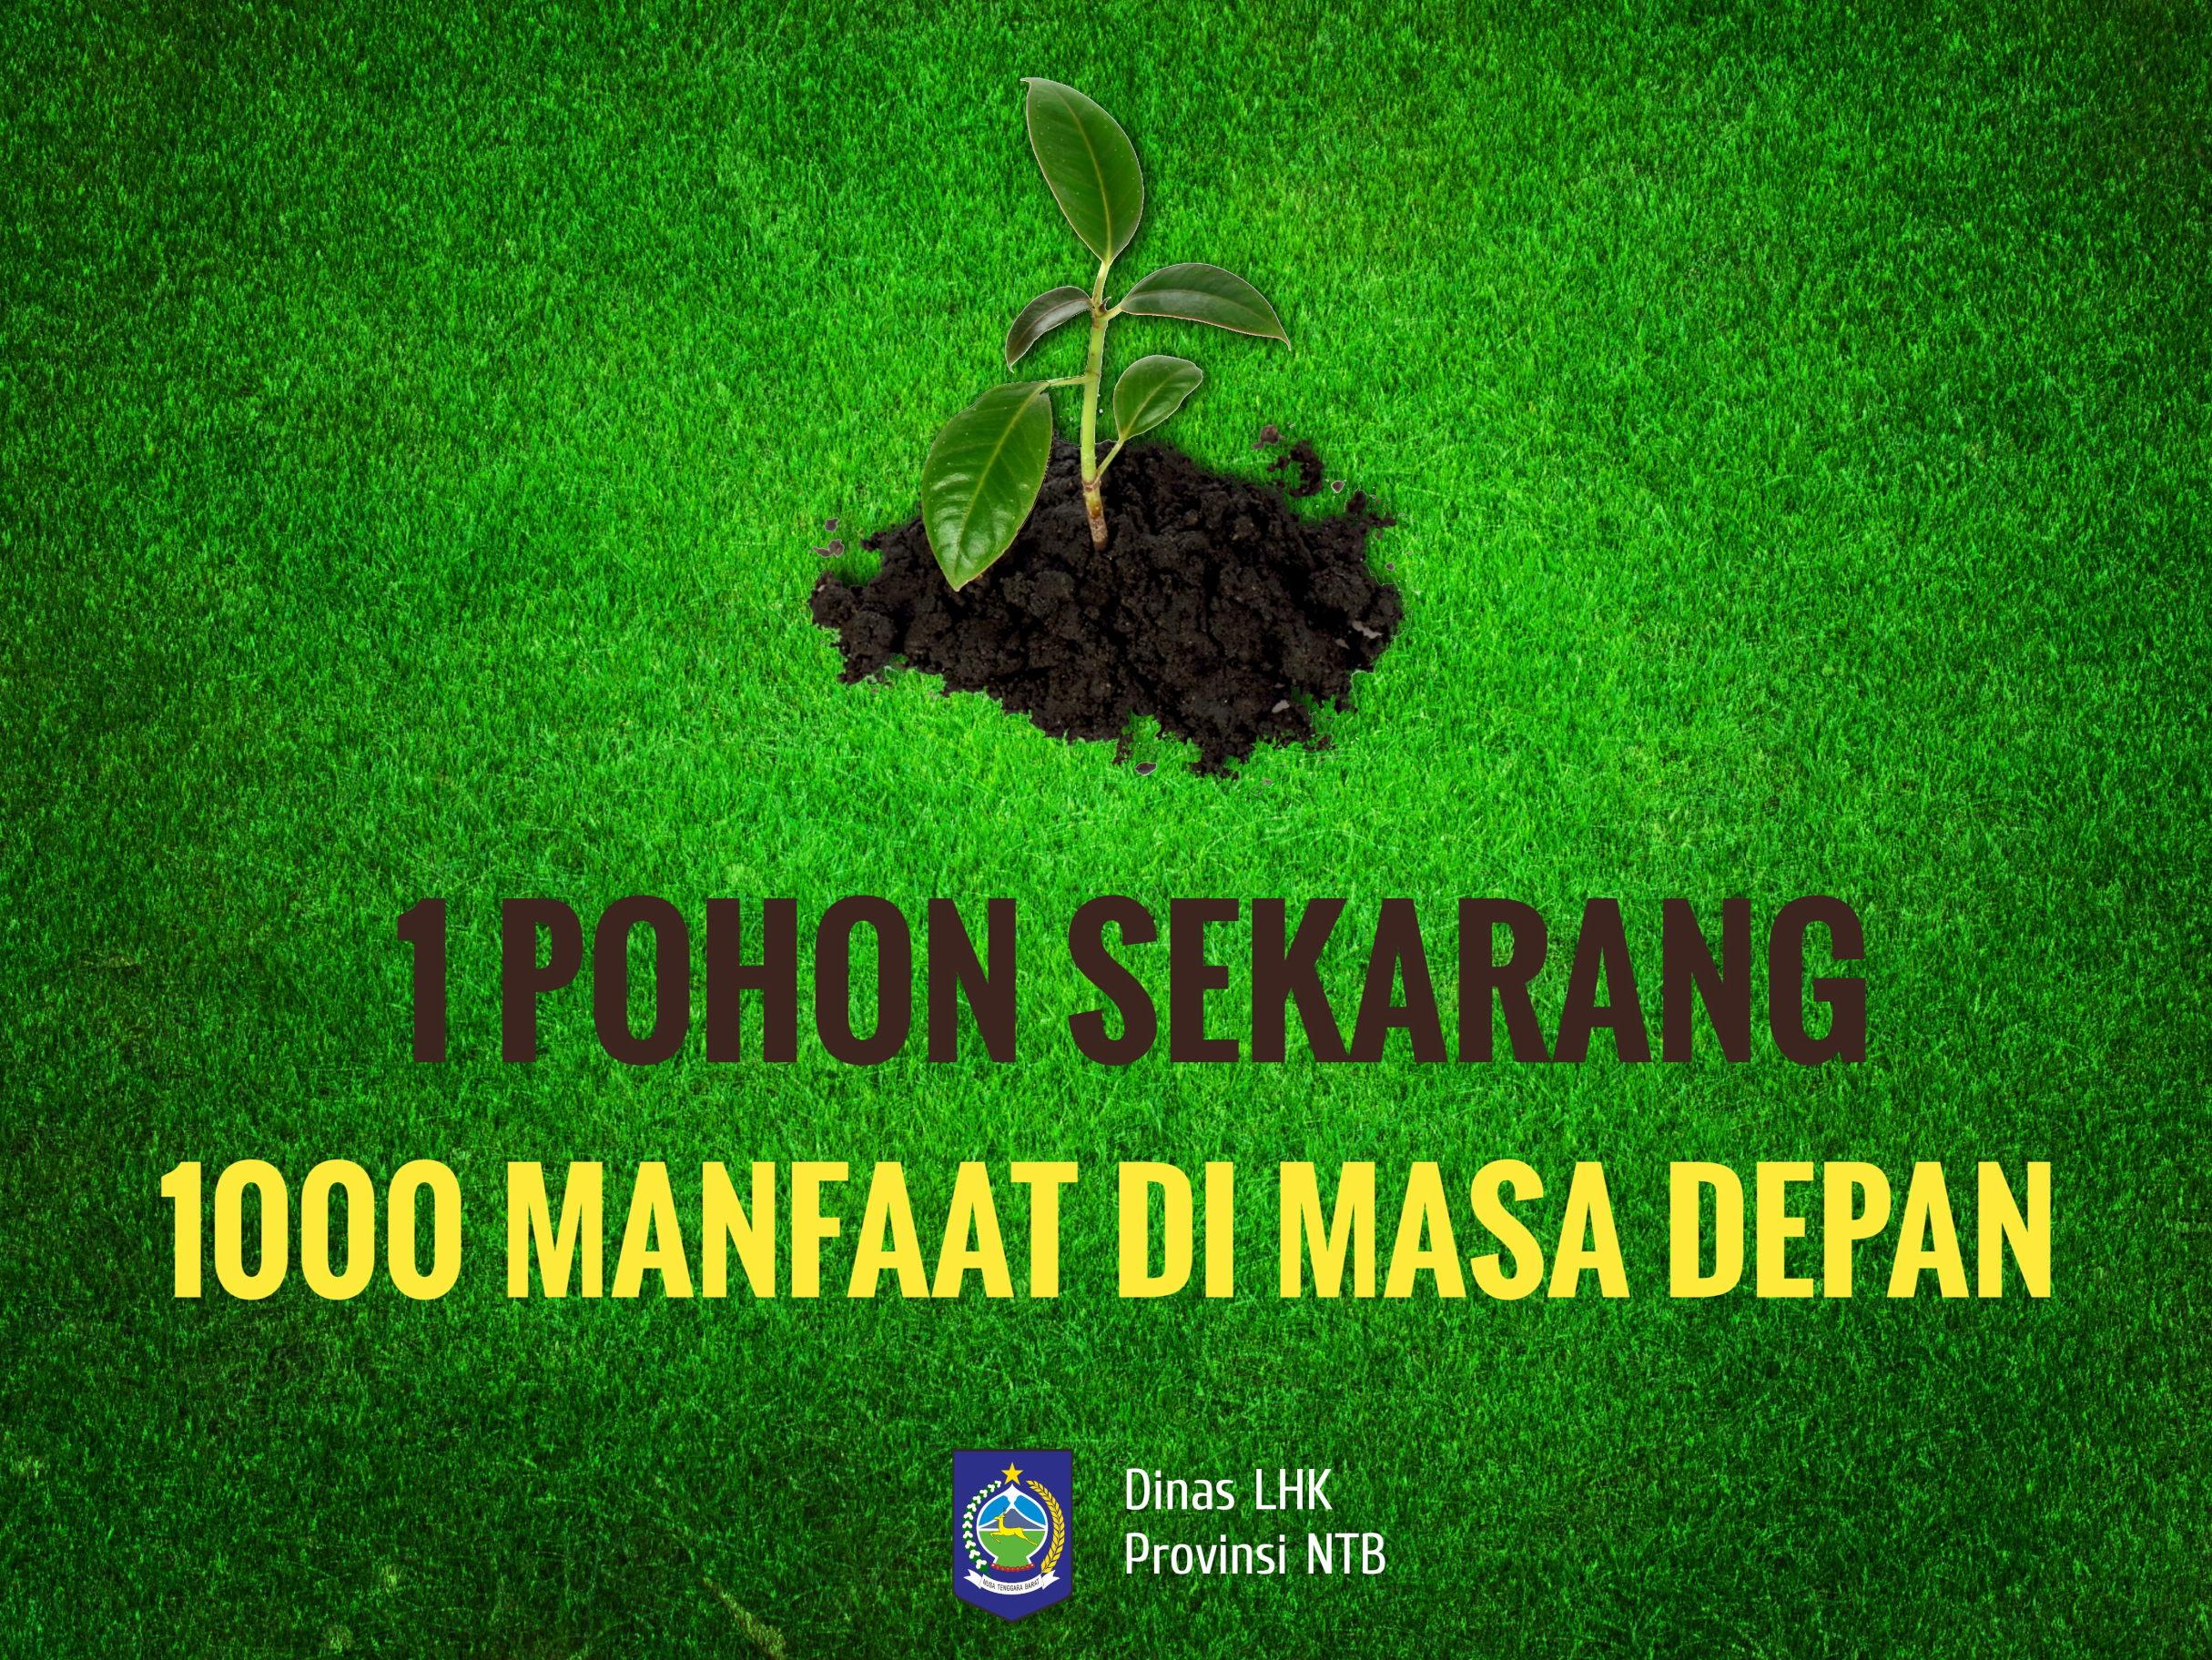 poster bahan kampanye lingkungan hidup dan kehutanan 1 pohon